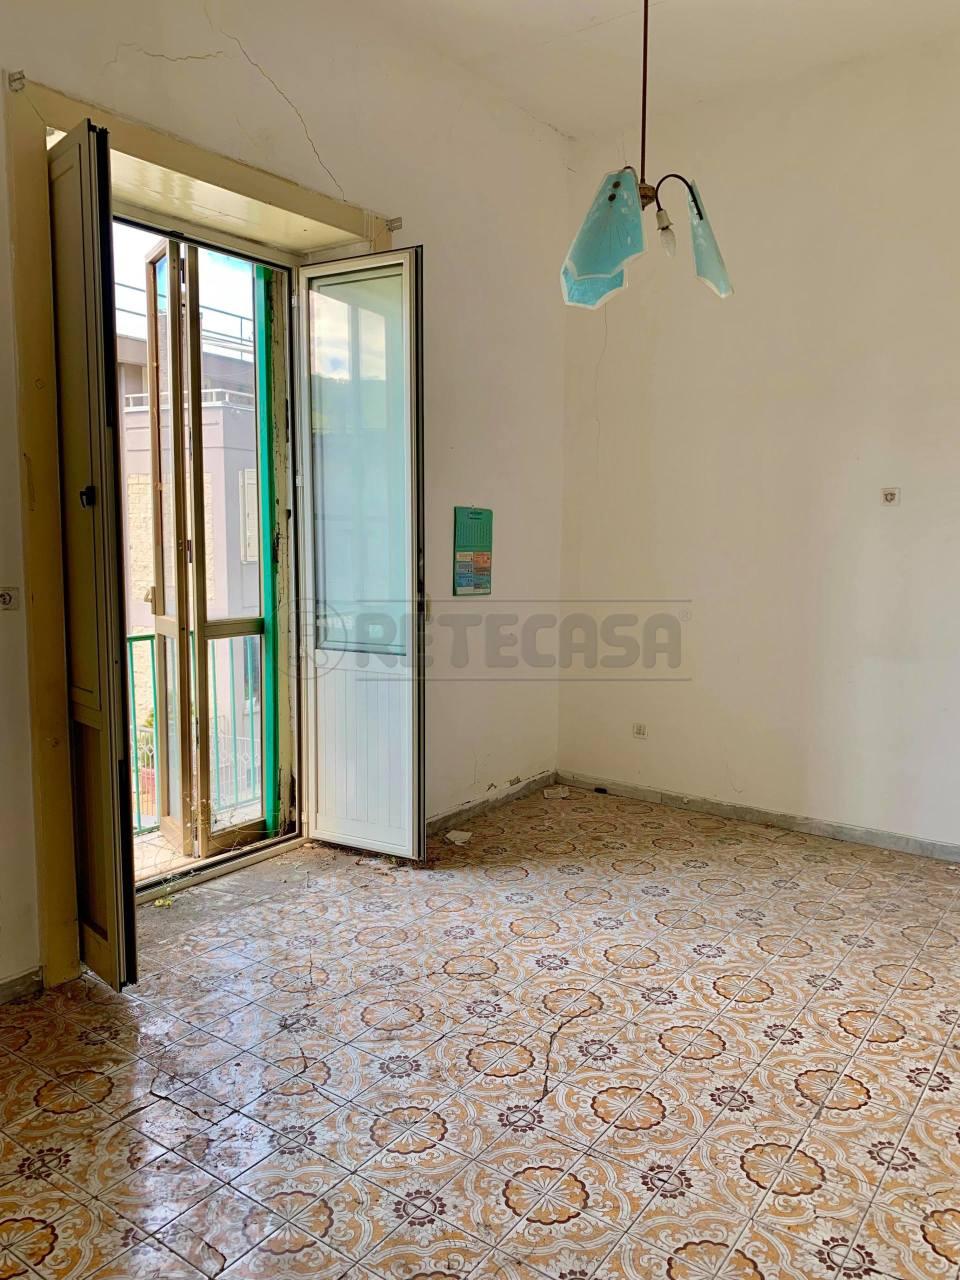 mansarda sottotetto soffitta solaio vendita castel san giorgio di metri quadrati 55 prezzo 29000 rif 271